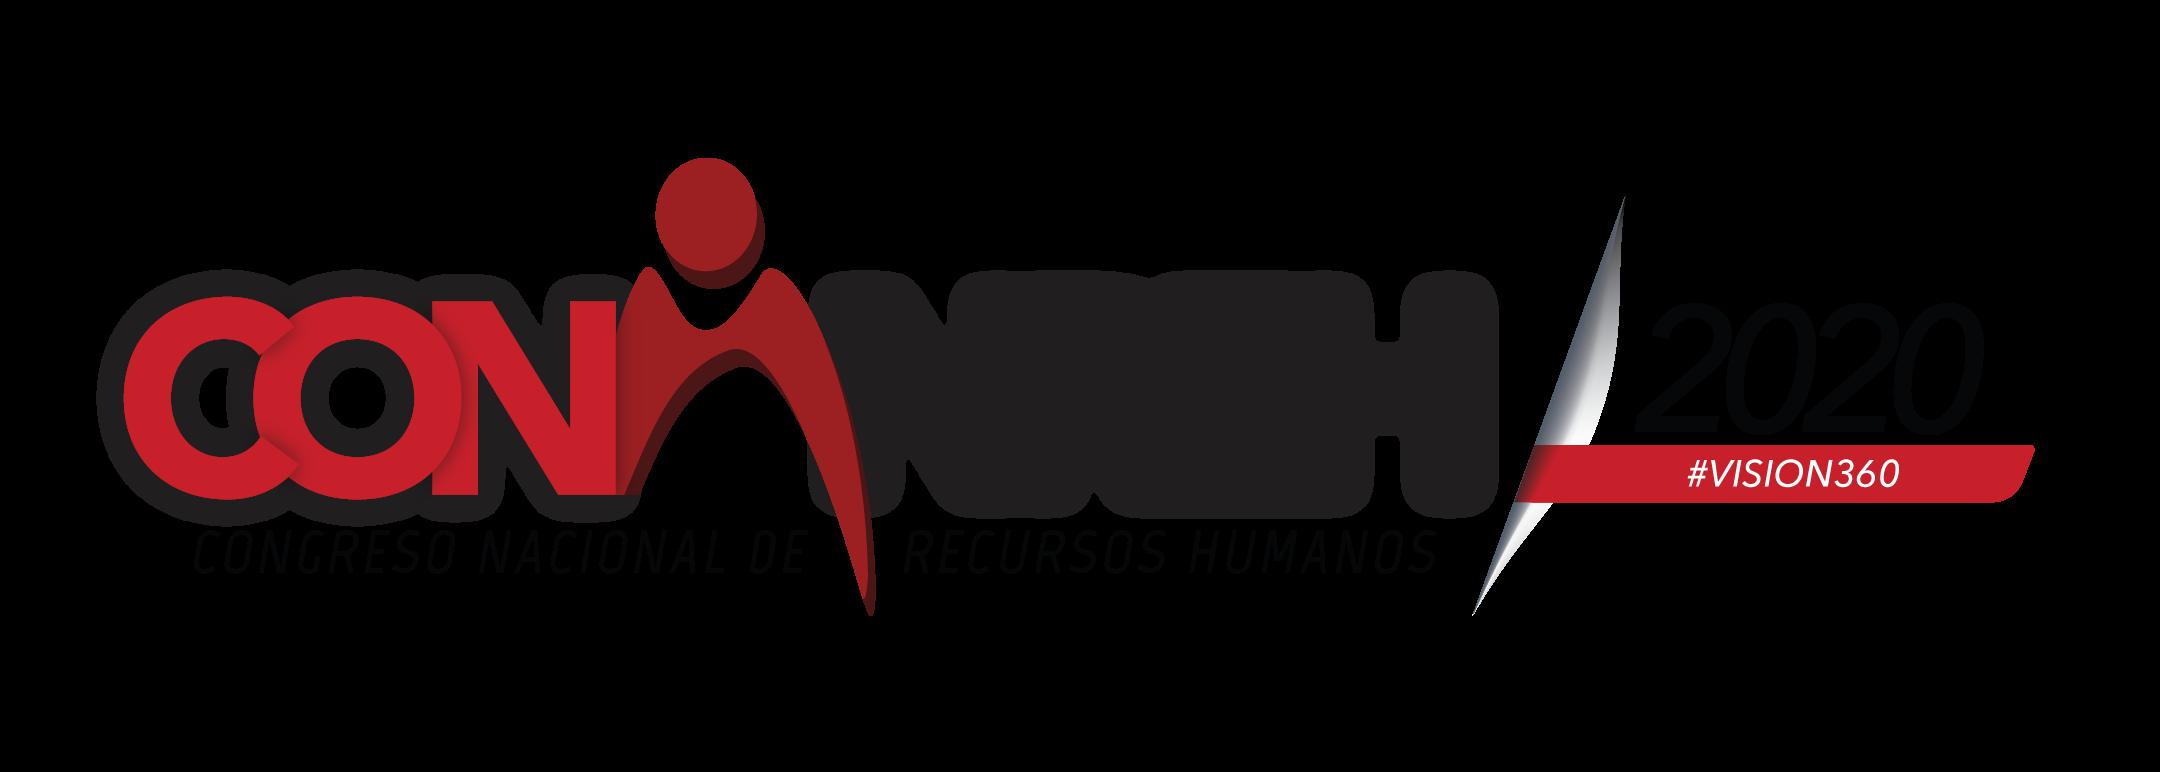 CONANREH 2020